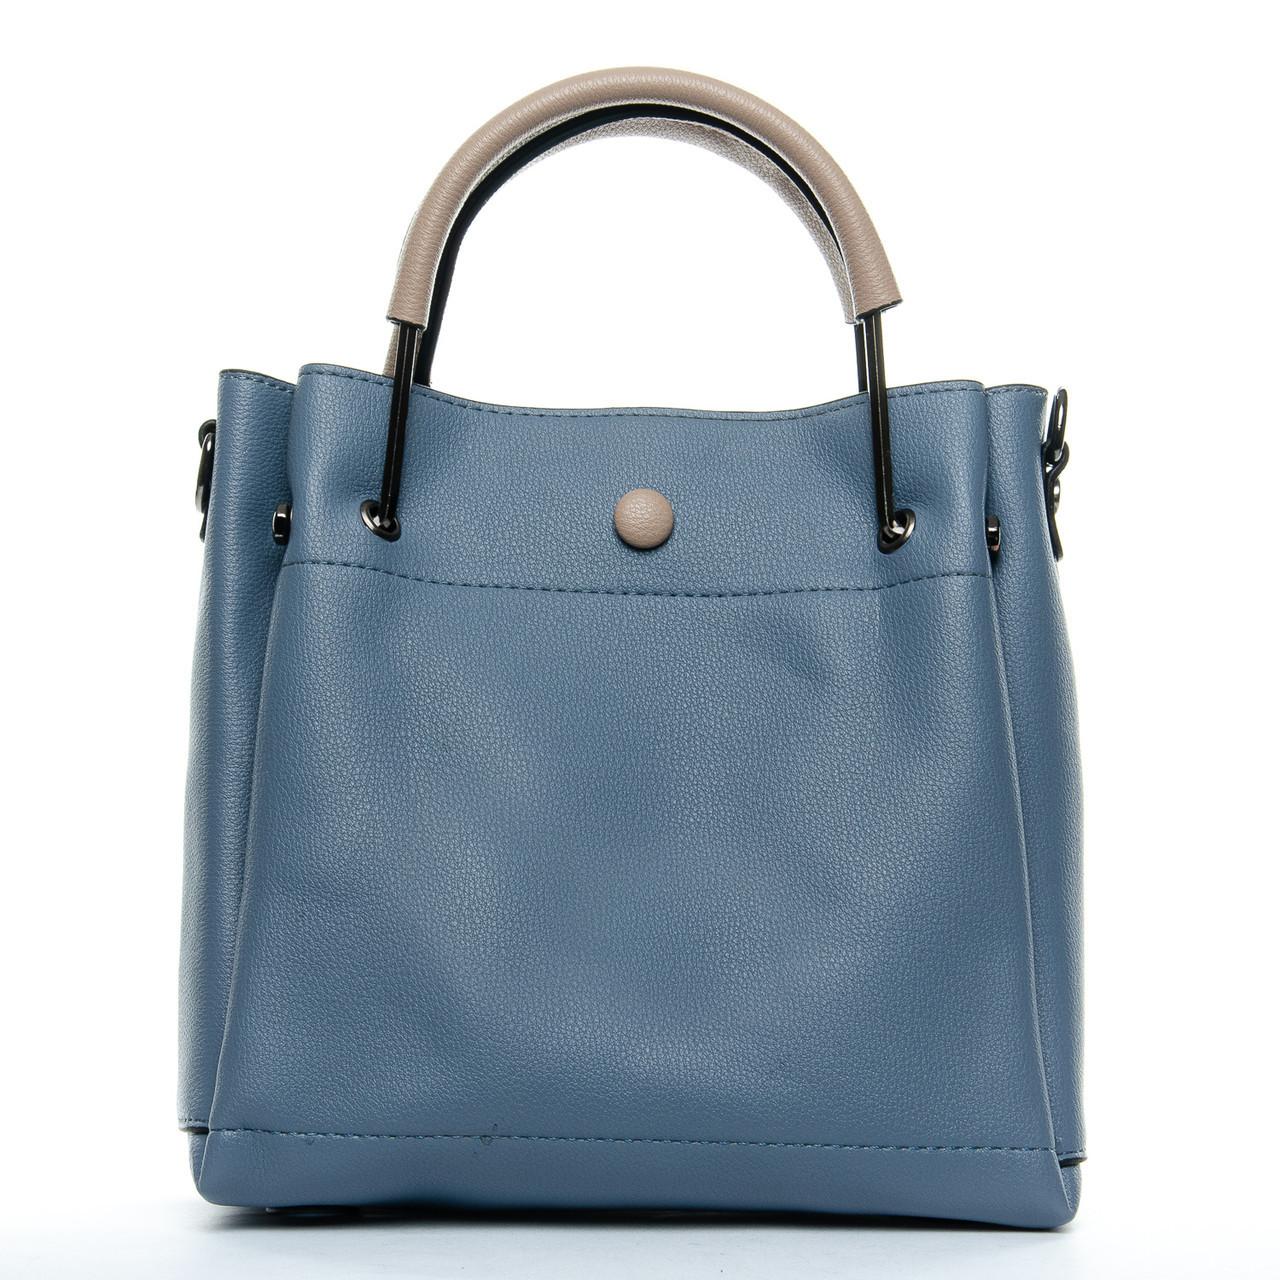 Сумка Женская Классическая иск-кожа 1-01 1053 blue